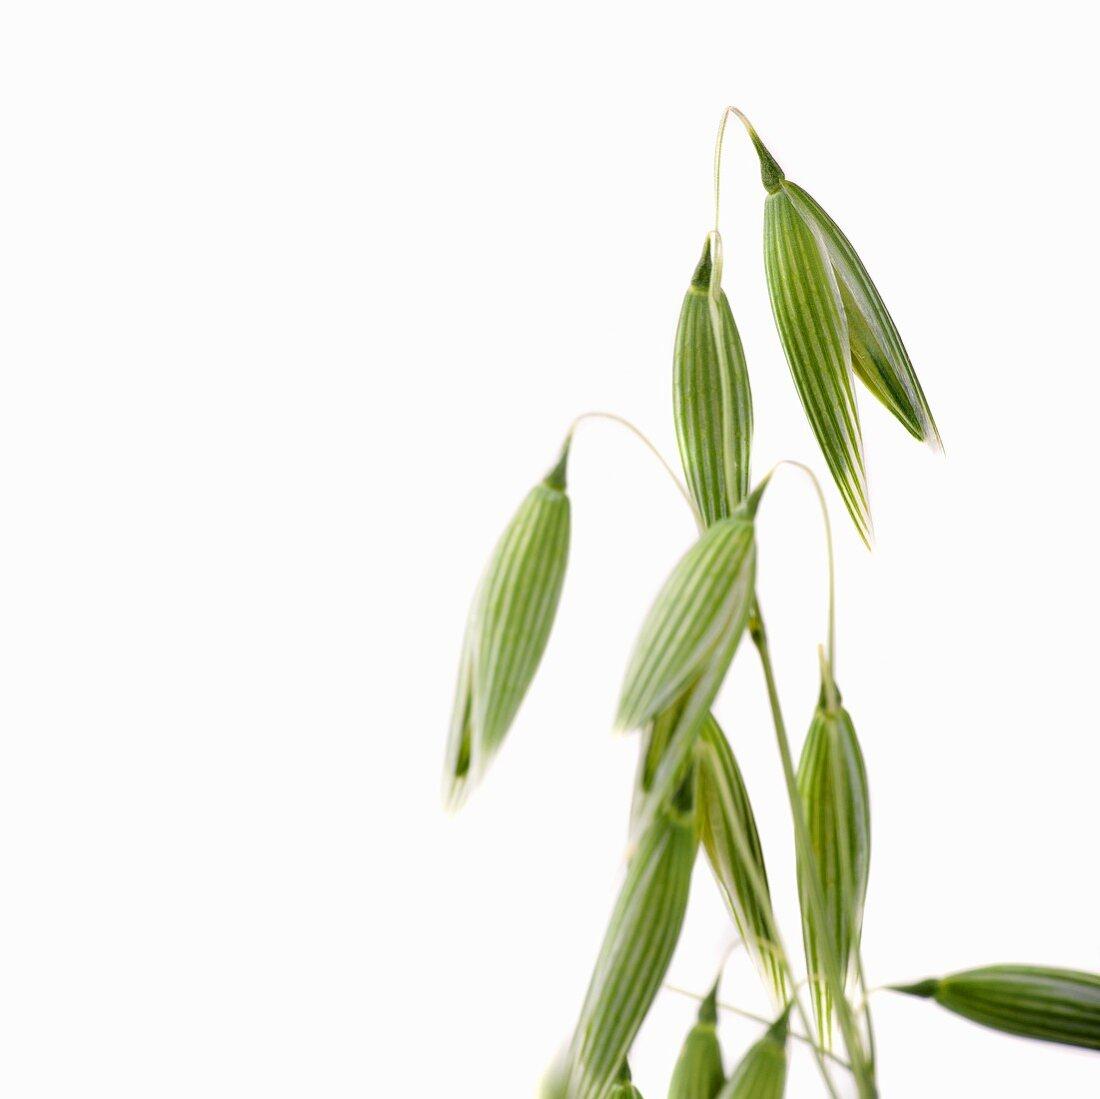 Ear of oats